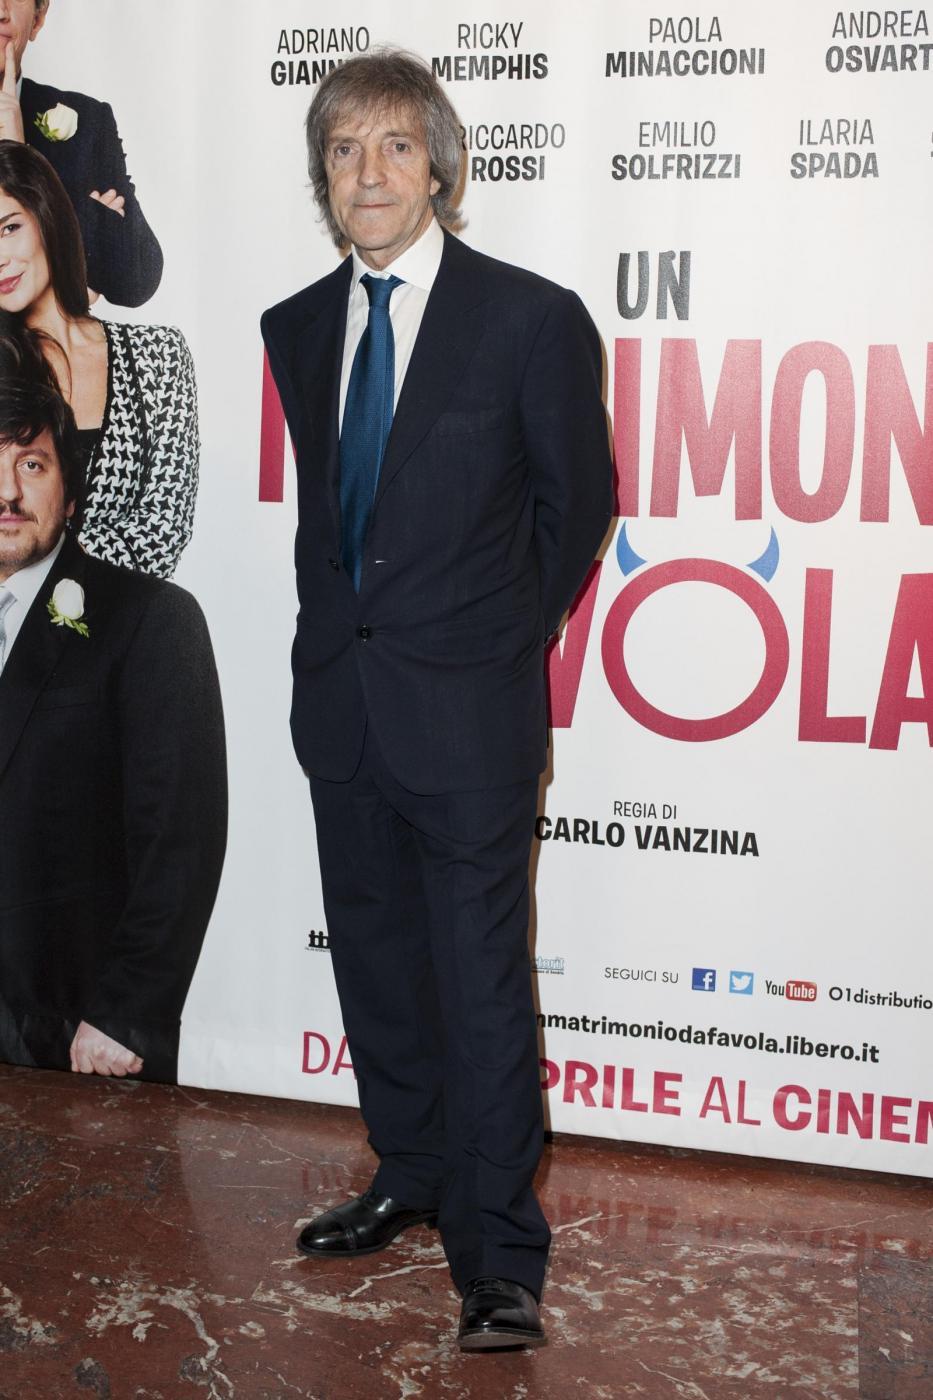 Anteprima a Roma del film 'Un matrimonio da favola'